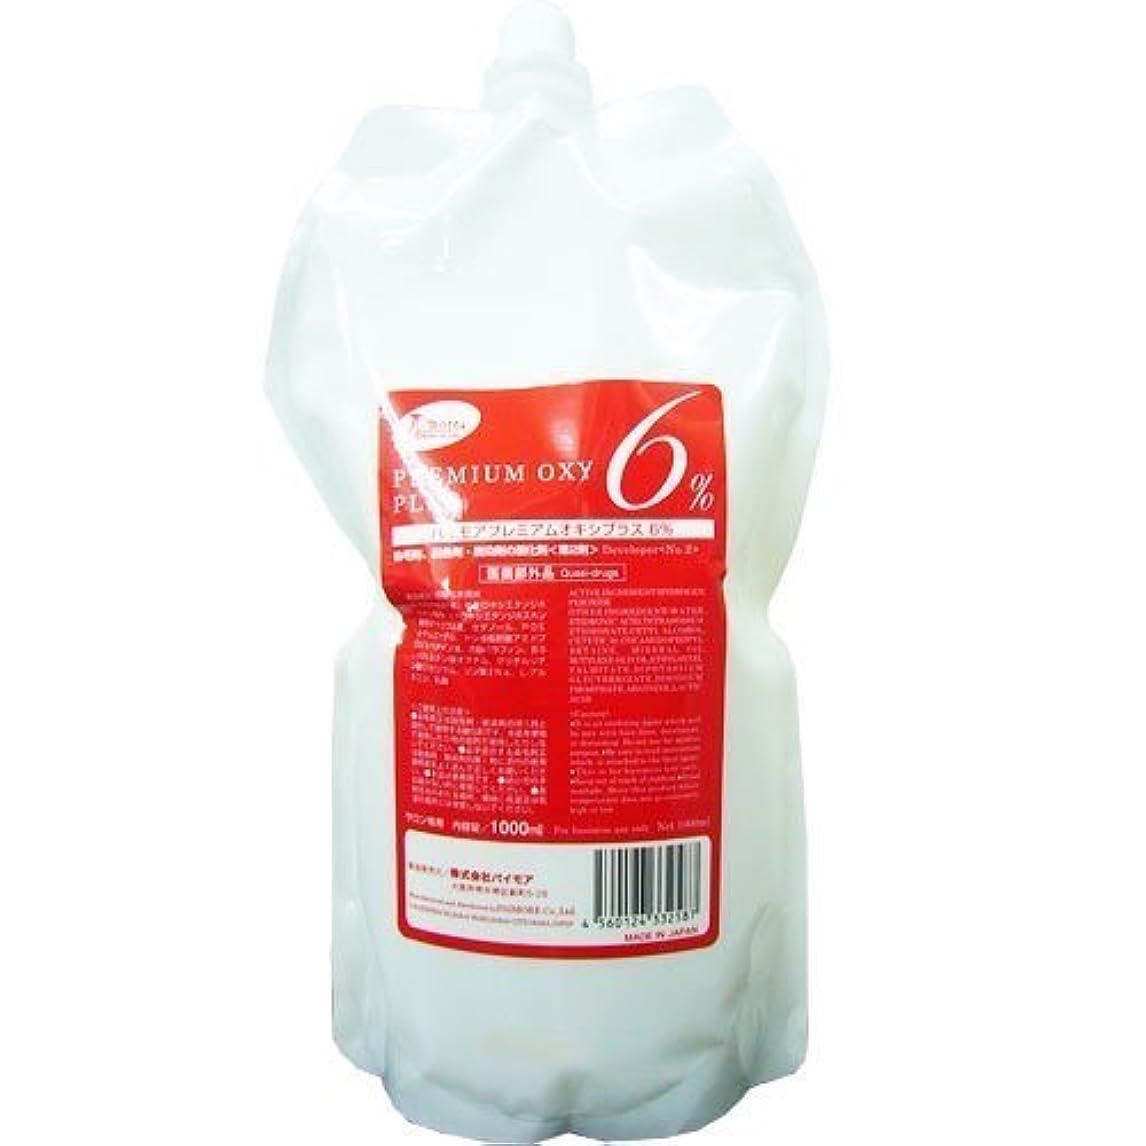 ドライ農学一掃するパイモア プレミアムオキシプラス 6%(パウチタイプ) 1000ml [医薬部外品]